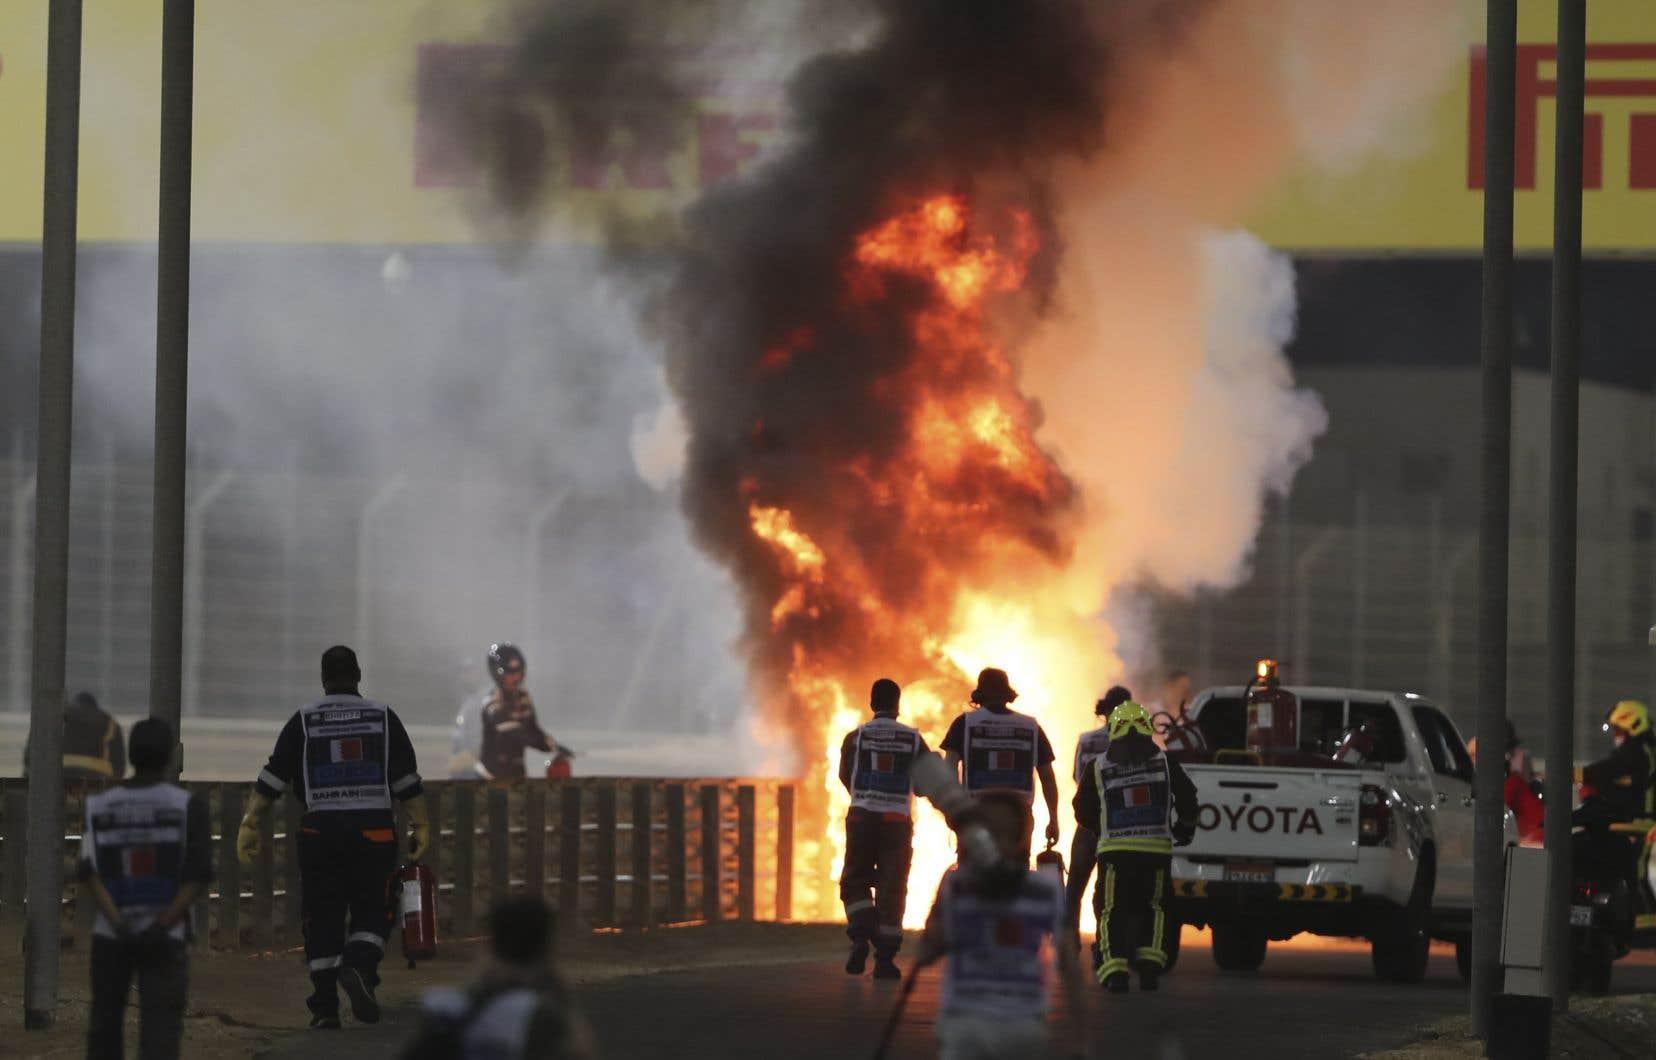 Grosjean a été hospitalisé en raison de brûlures au dos des deux mains après que sa voiture eut explosé à la suite d'une collision avec un muret au Grand Prix du Bahreïn, dimanche.